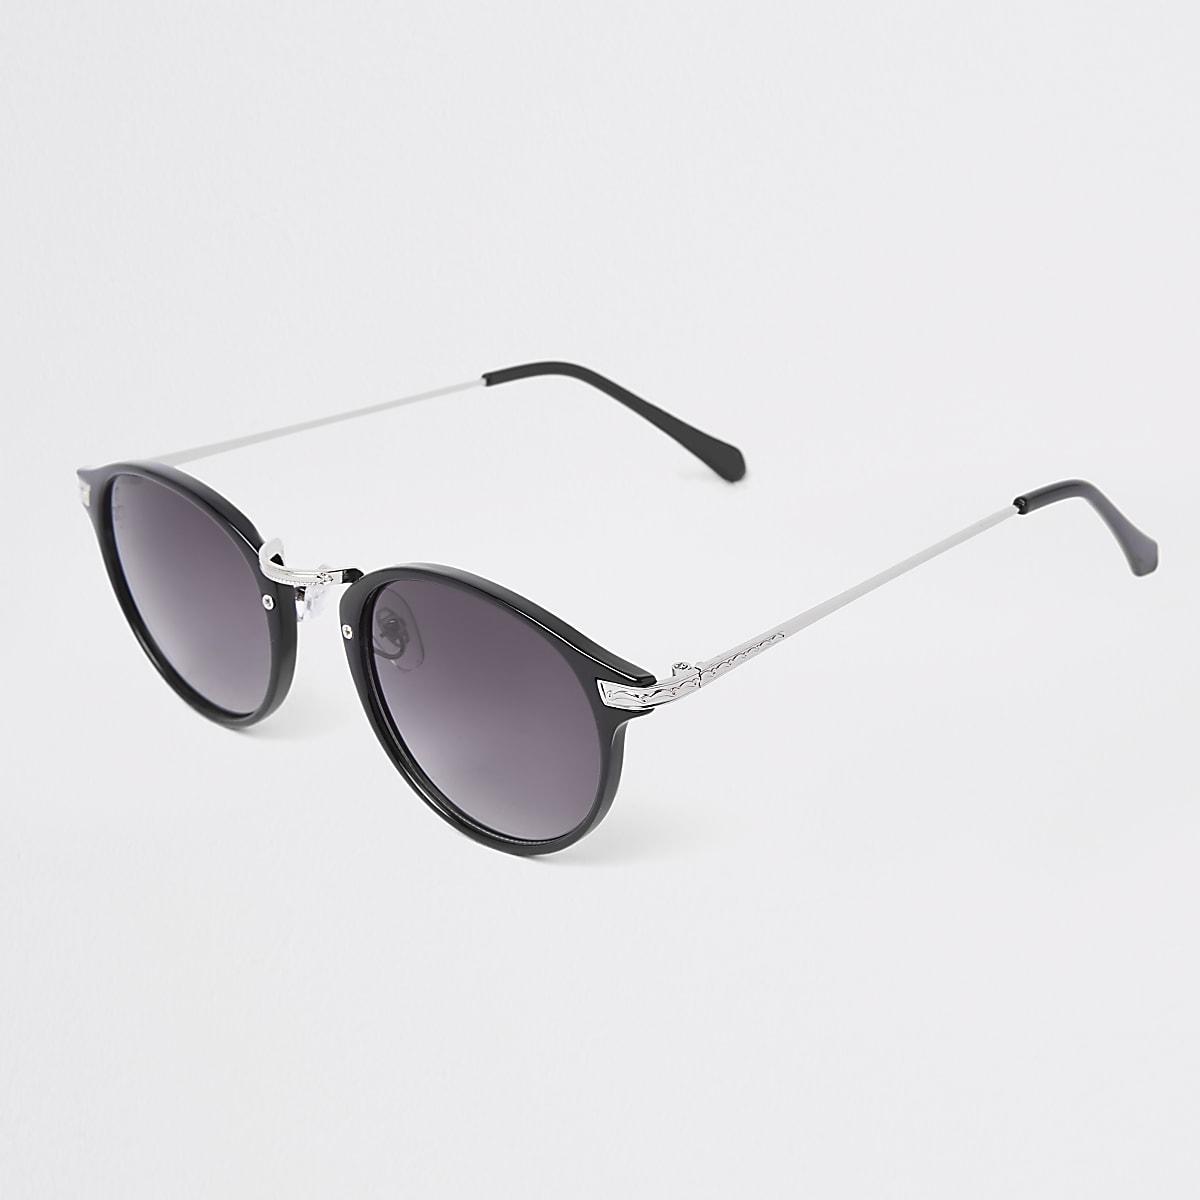 b00860102671c7 Jeepers Peepers - Zwarte ronde zonnebril - Ronde zonnebrillen ...